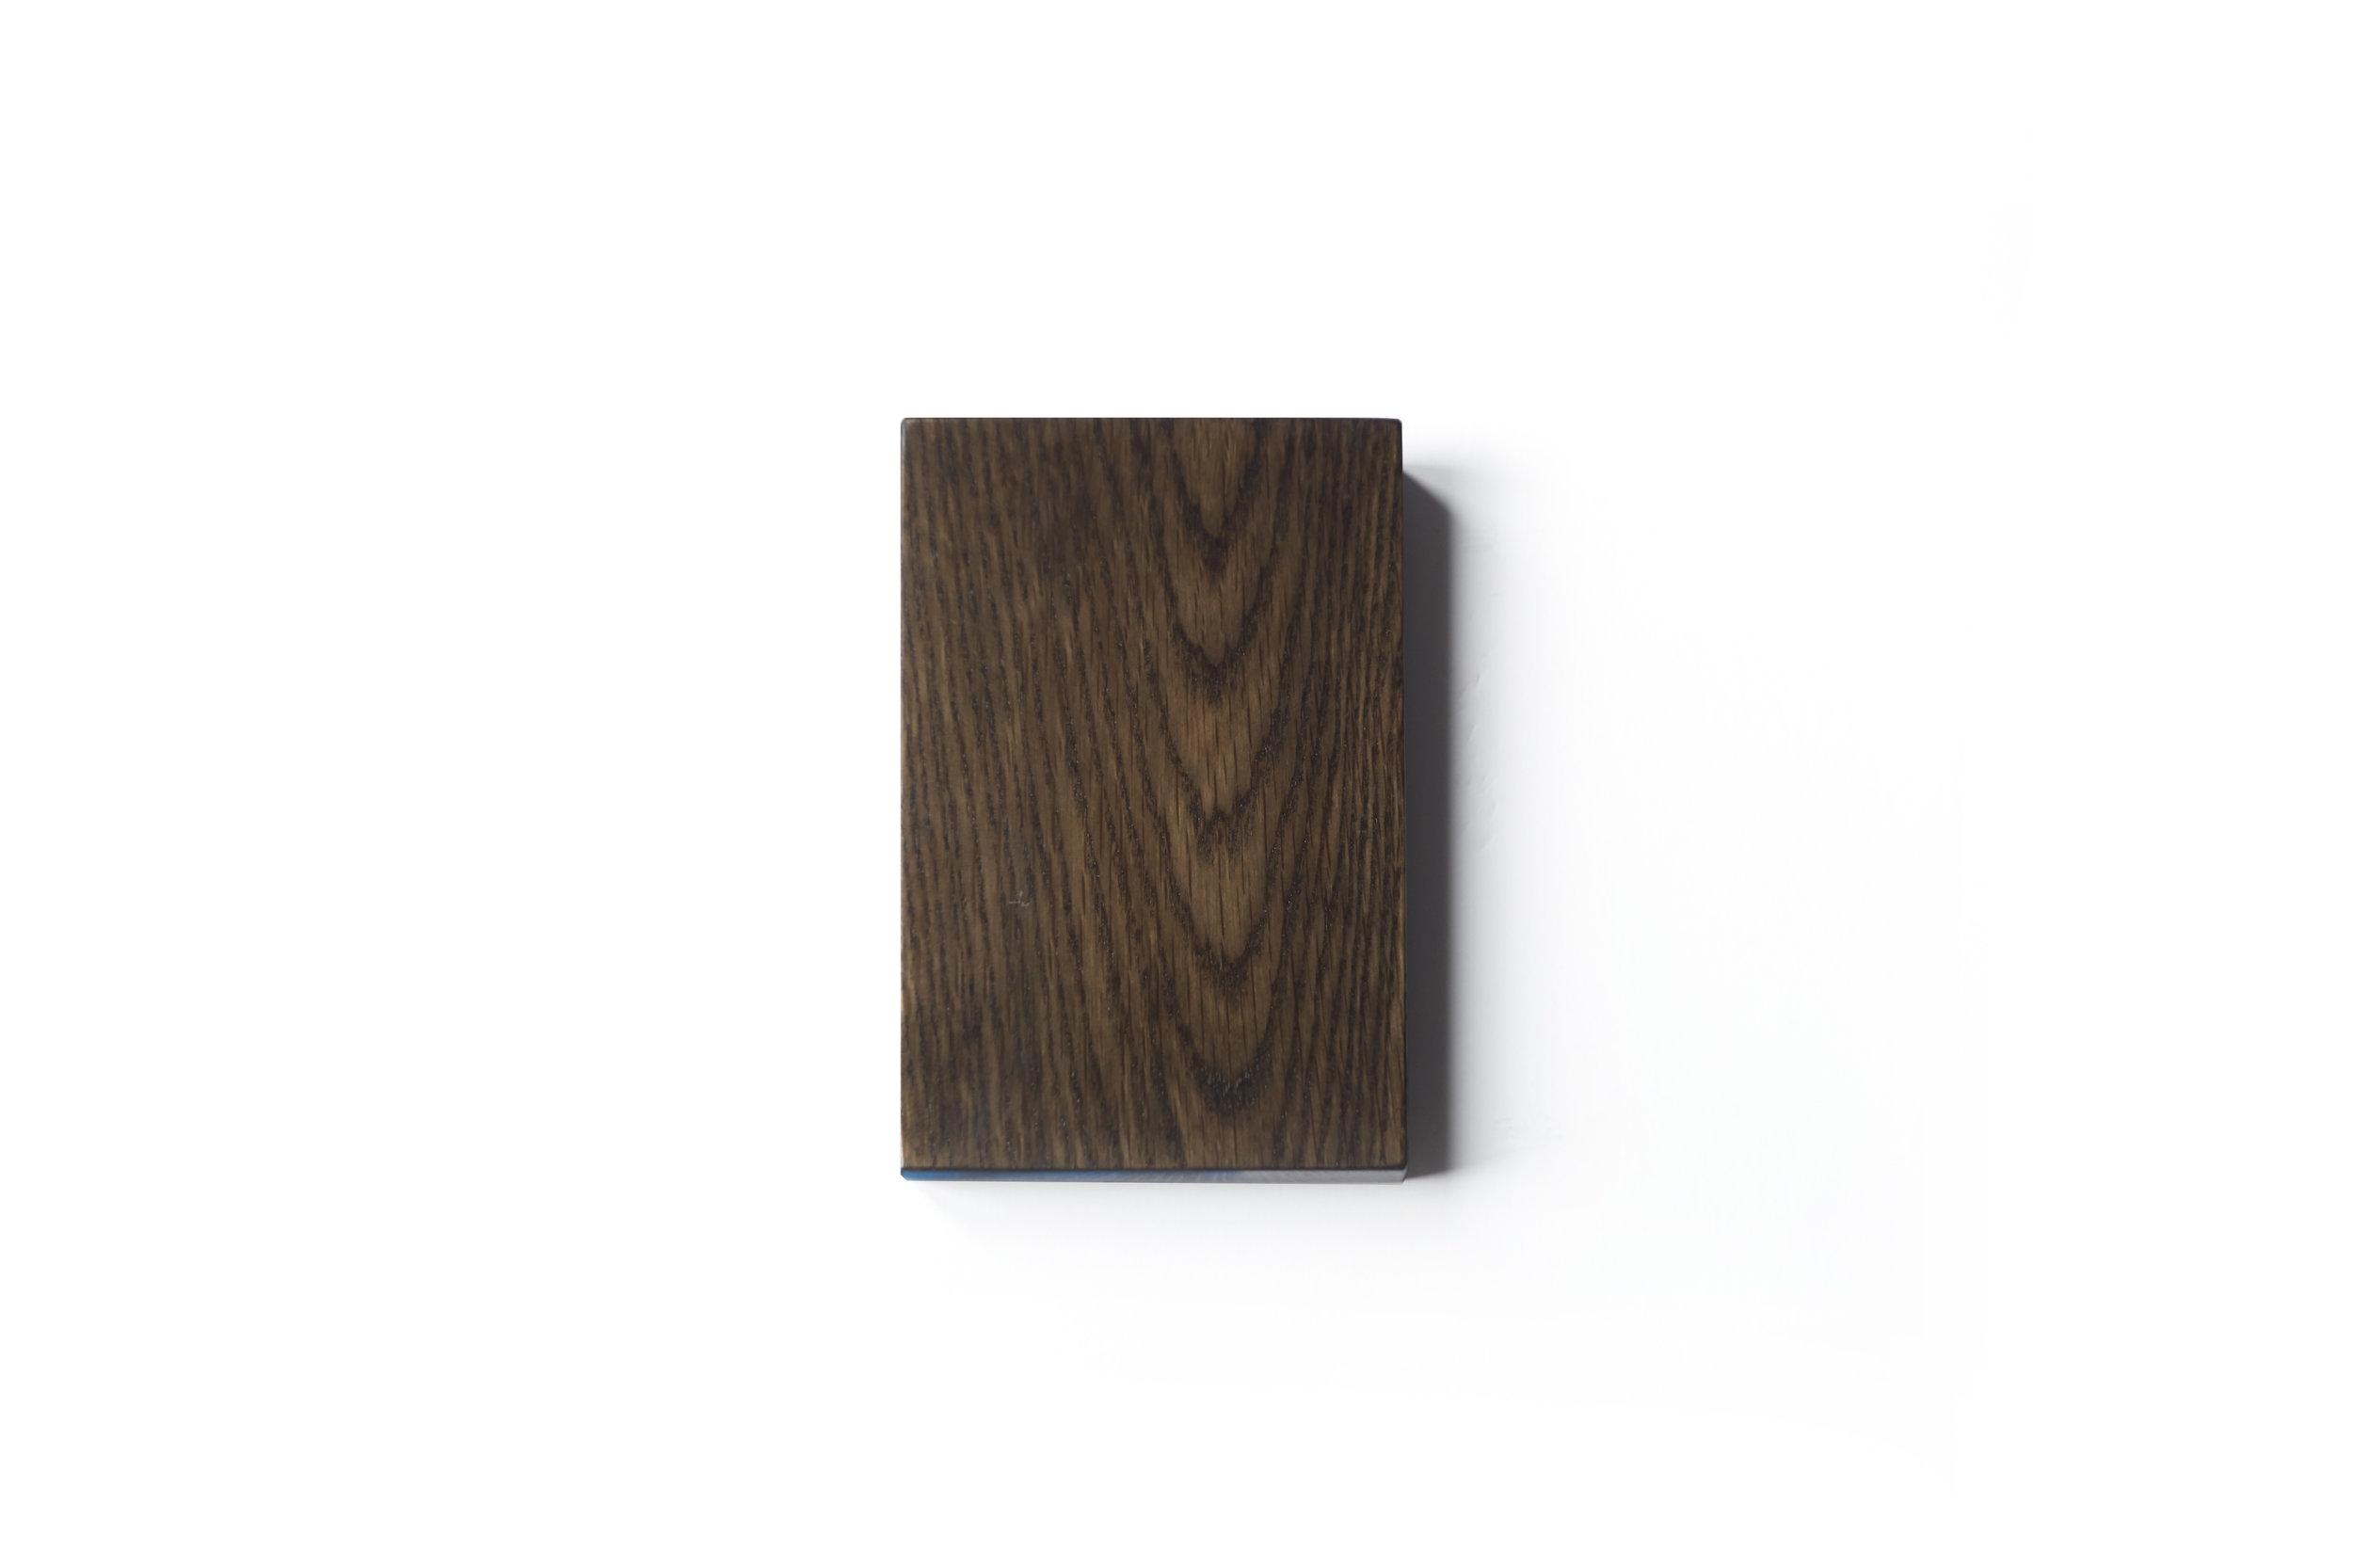 Mulled Oak